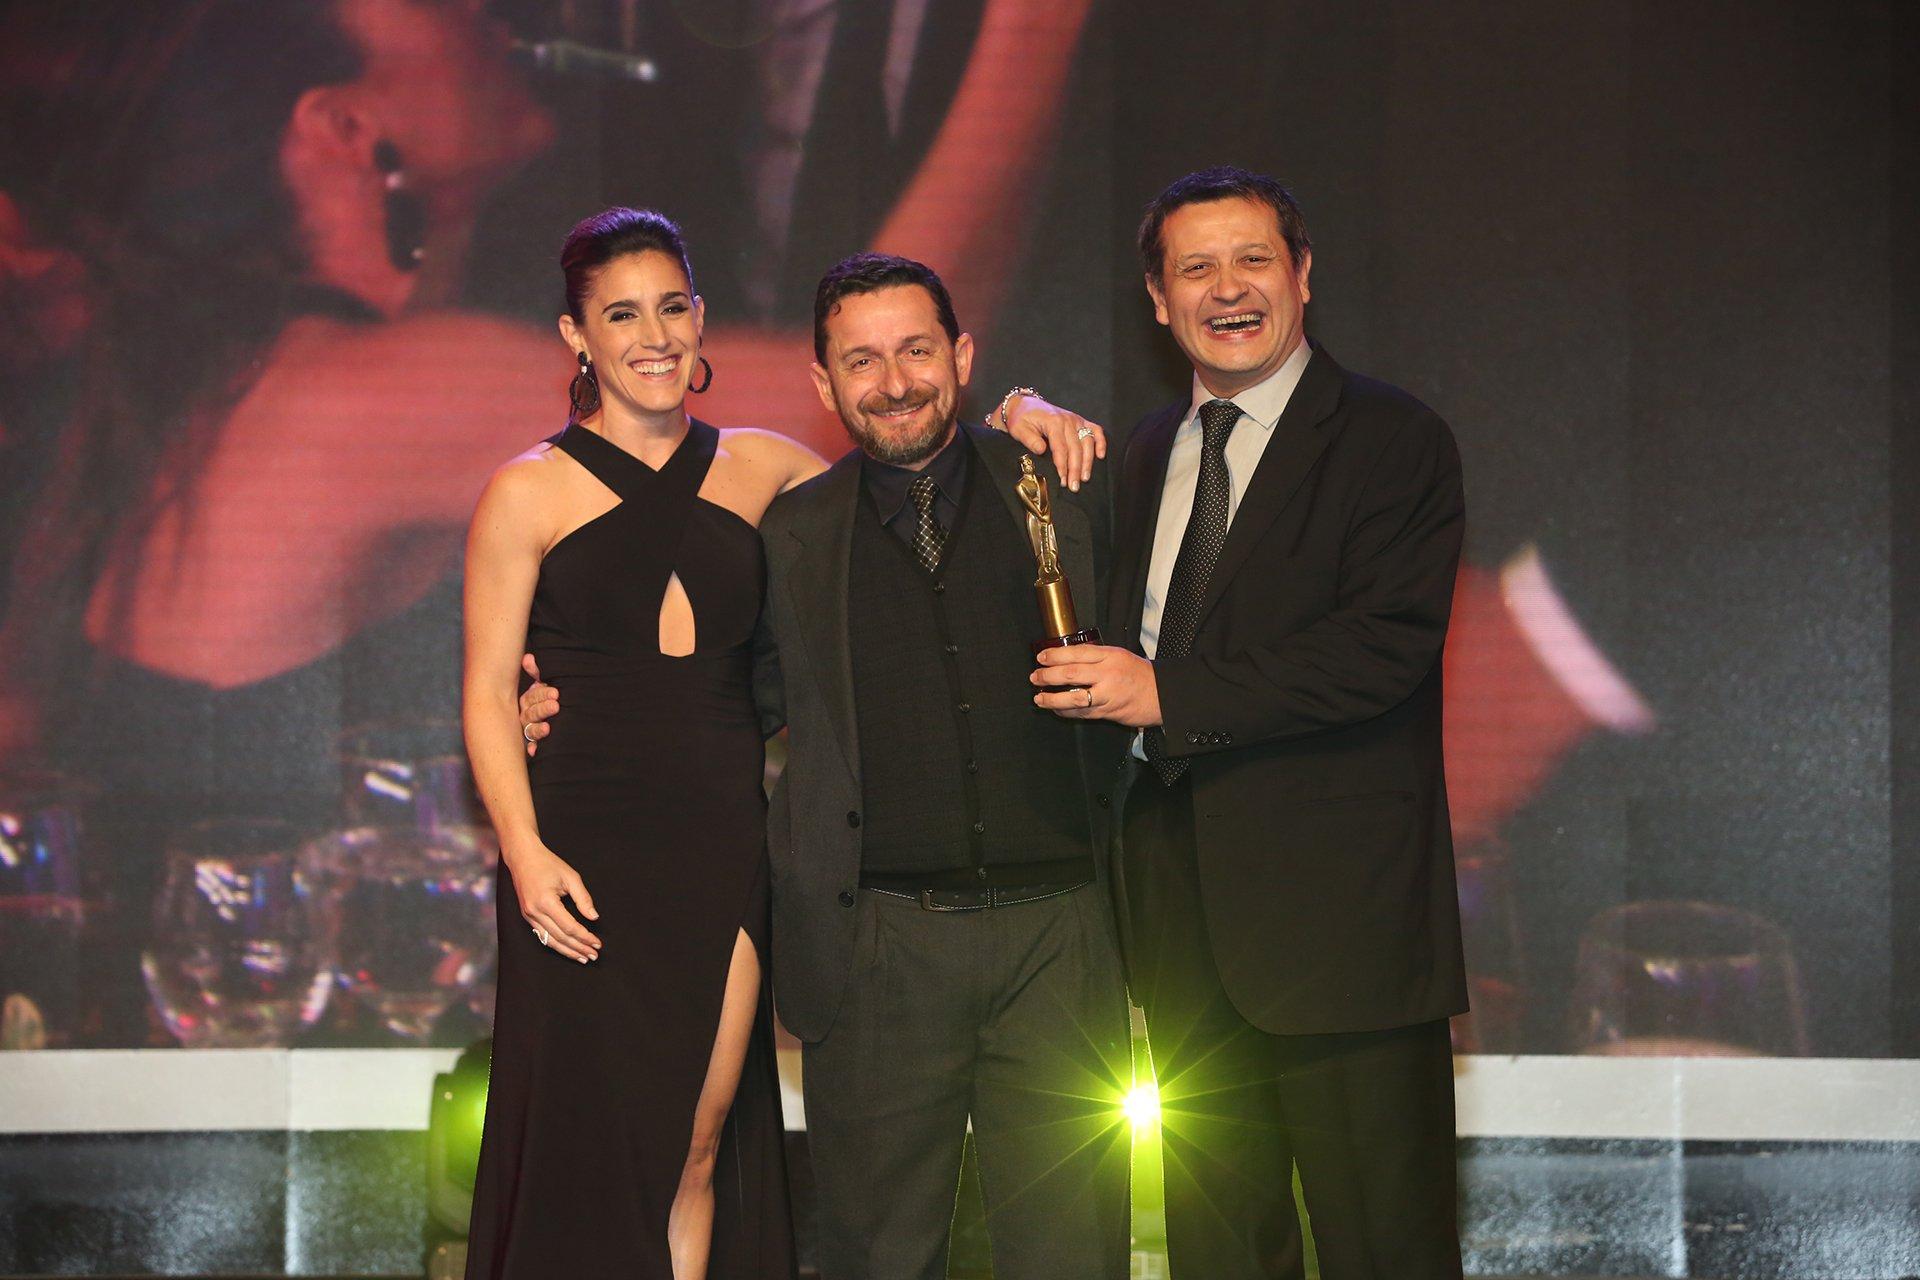 Soledad Pastorutti, junto al equipo de Ecos de mi tierra (TV Pública), tras recibir el Martín Fierro 2016.